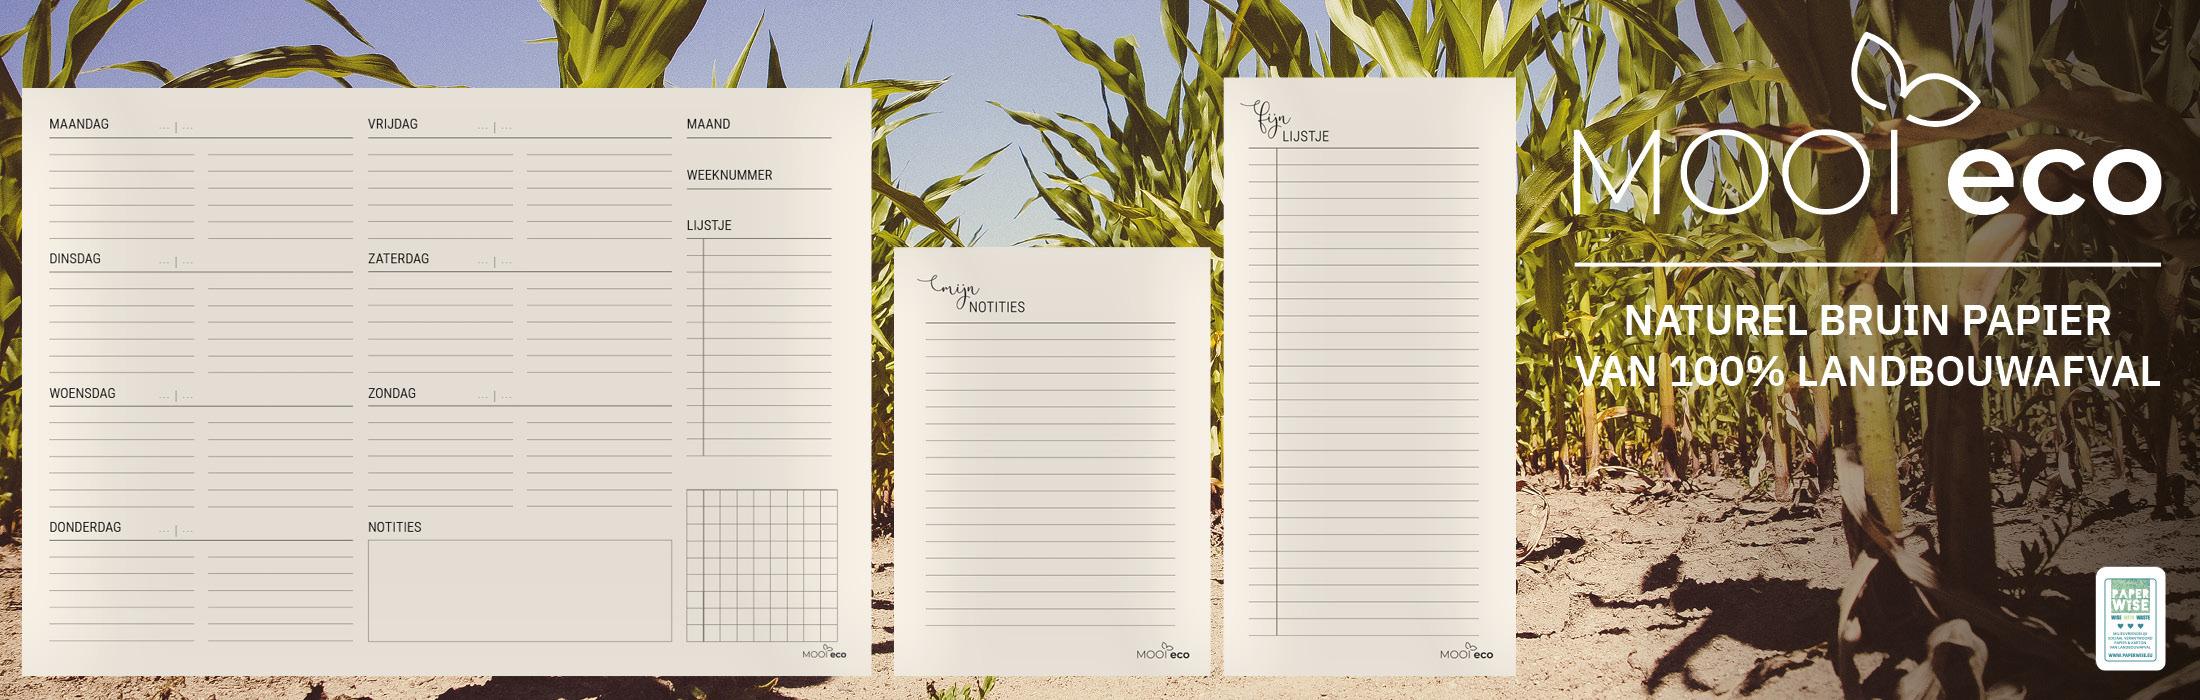 Mooi Eco | papier van 100% landbouwafval